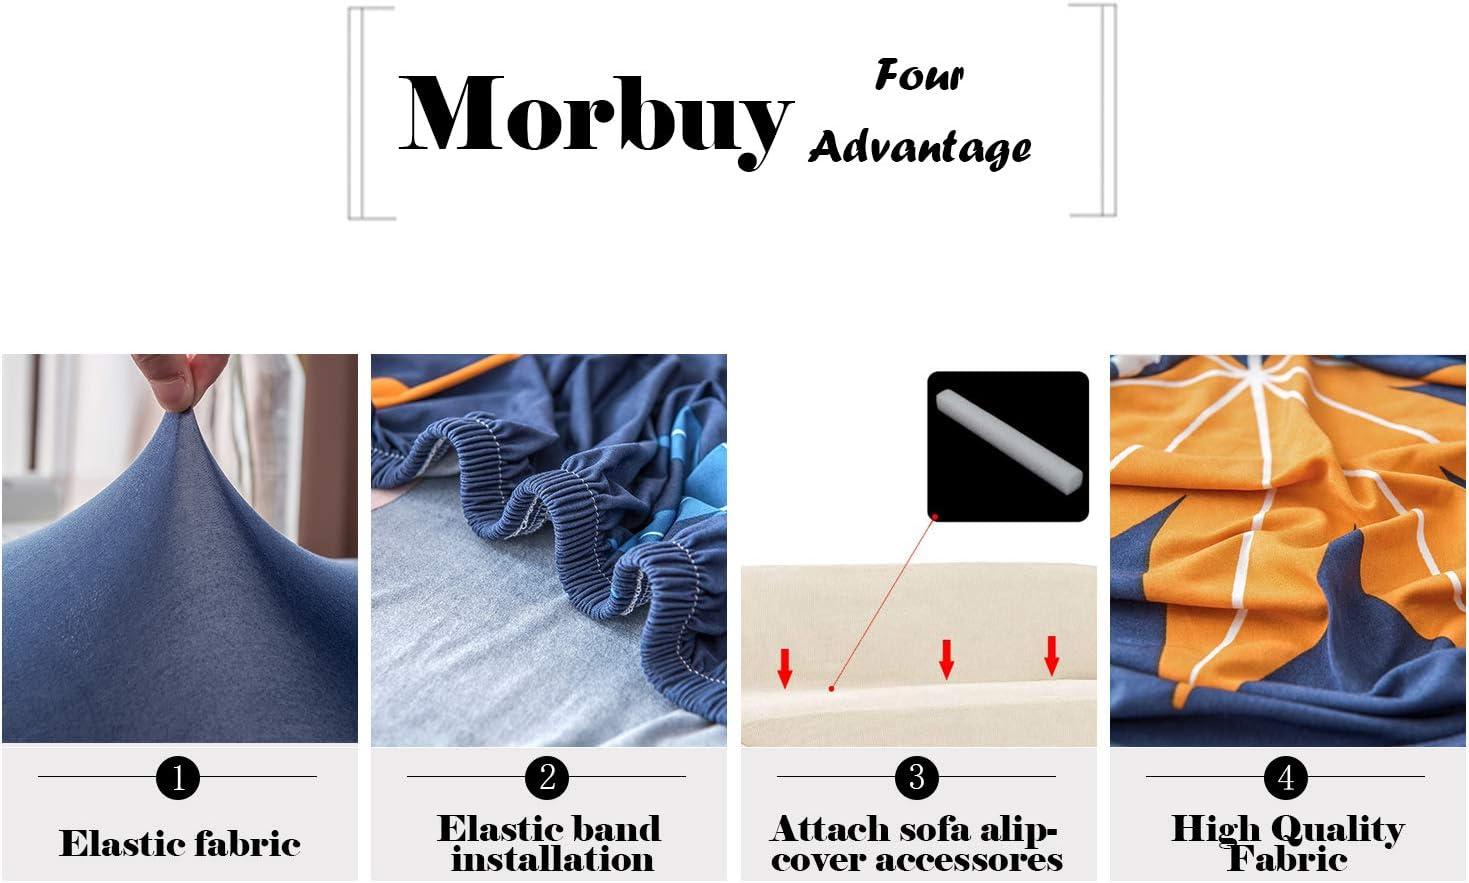 Housses de Canap/é Imprim/é Extensible 1 Place,Beige Morbuy Nordique Rev/êtement de Canap/é avec accoudoirs Sofa Elastique Couverture Protecteur Fauteuil